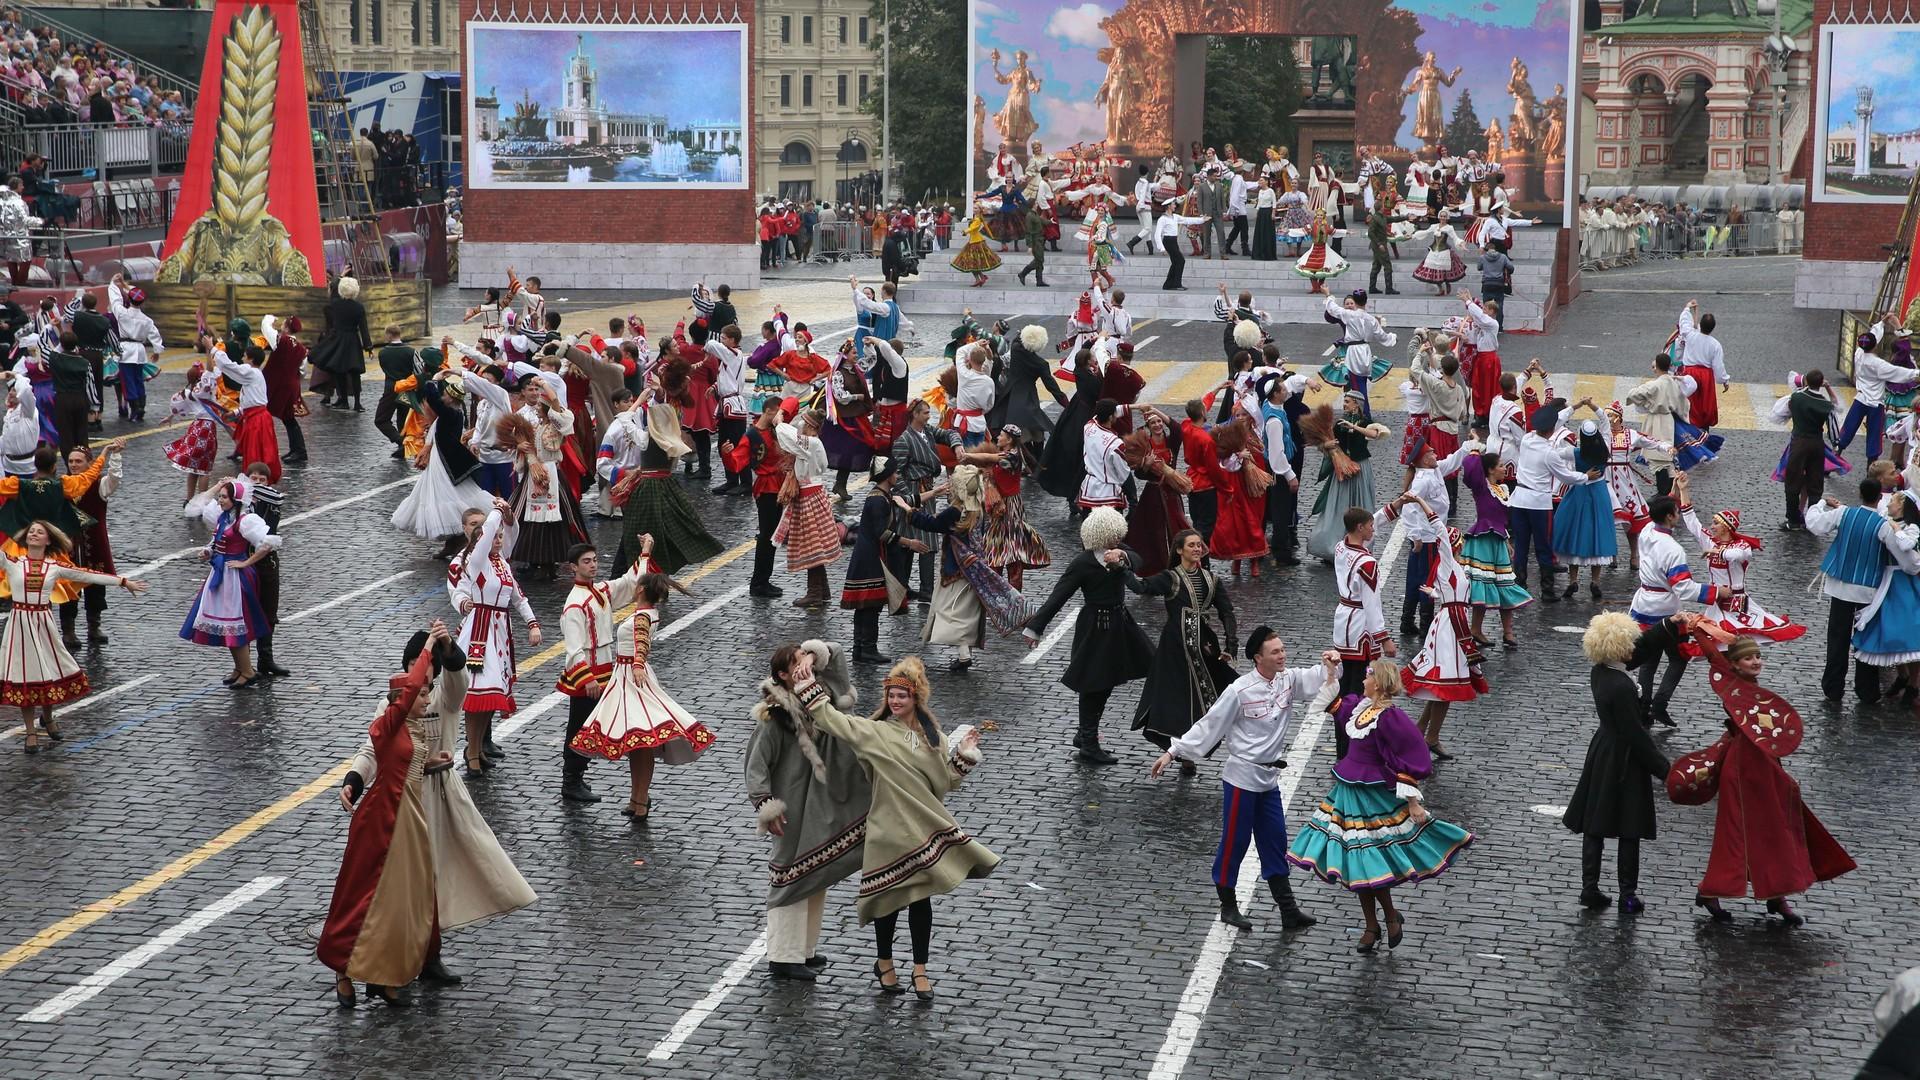 Moscou a célébré son 868ème anniversaire malgré les caprices de la météo